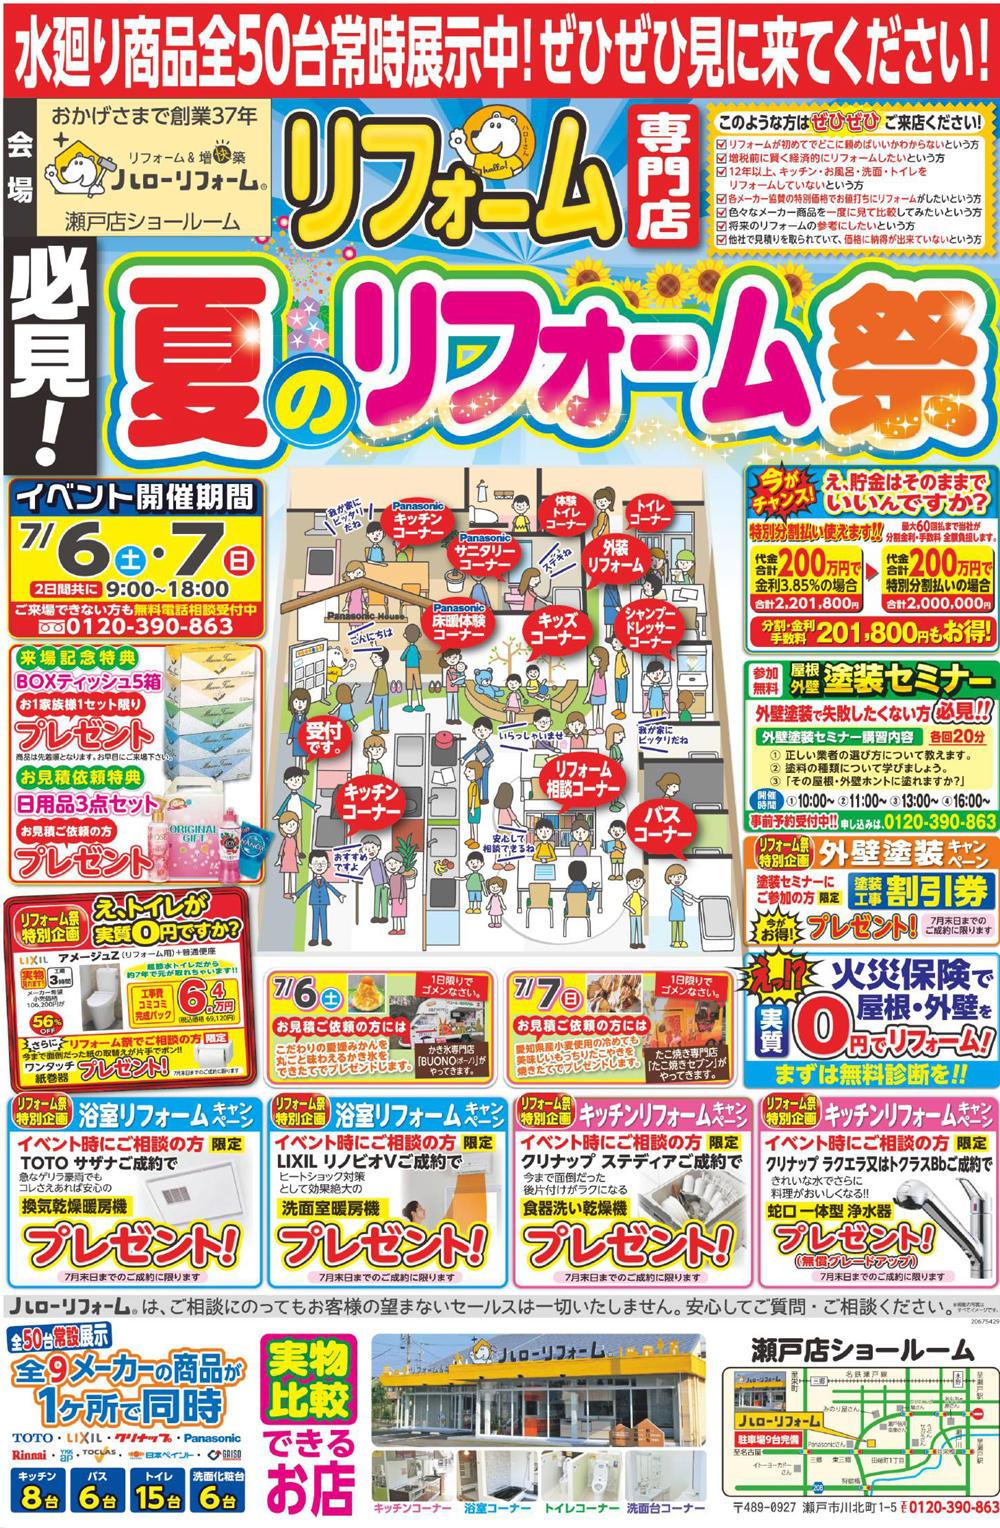 夏の地域限定リフォーム祭(瀬戸店)